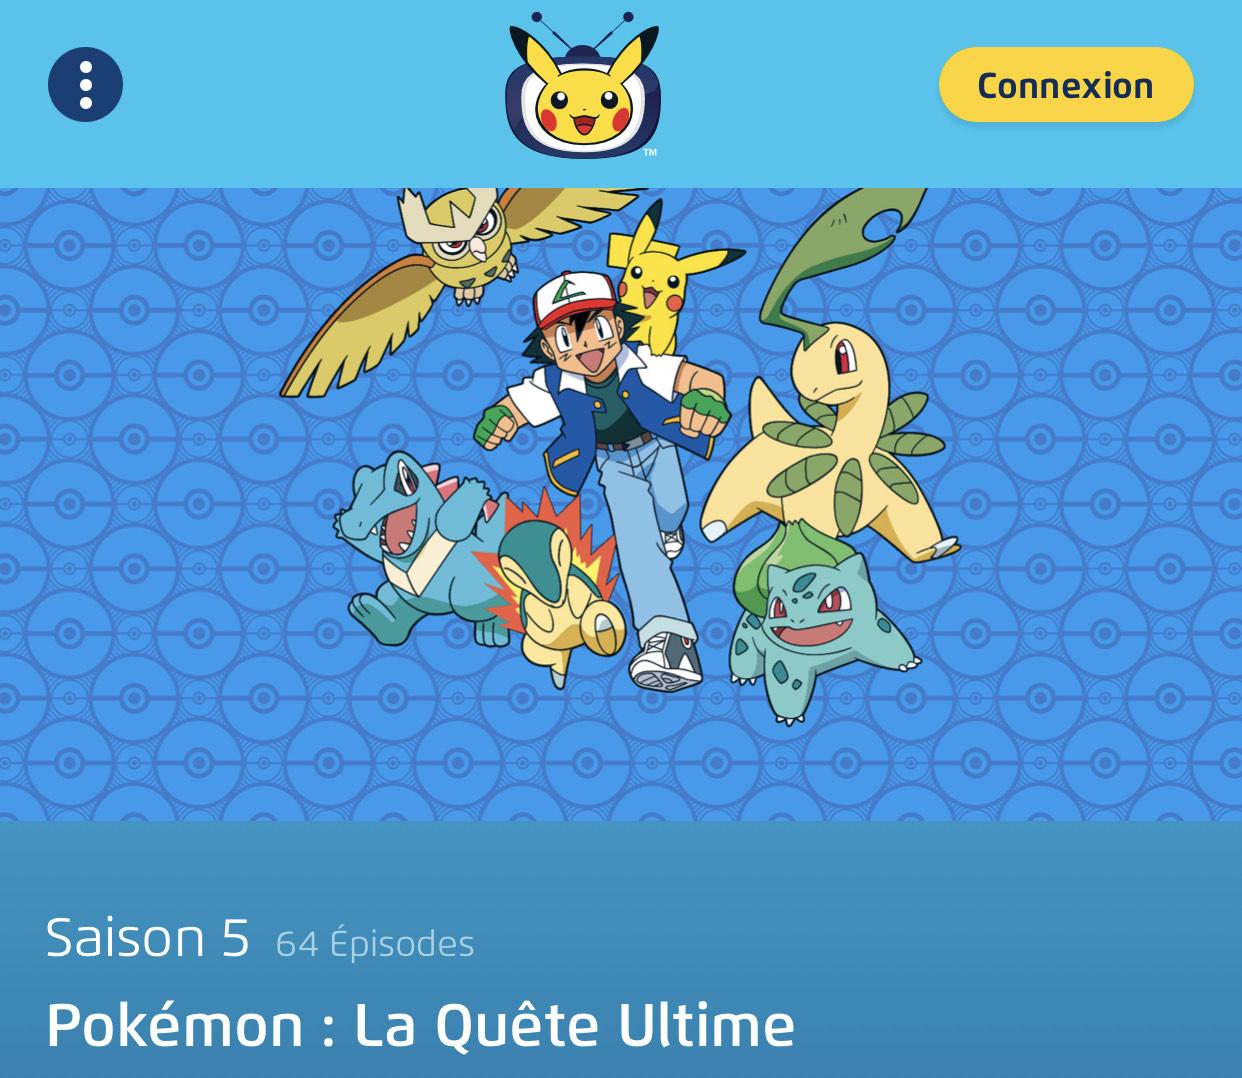 Pokémon Saison 5 visionnable gratuitement